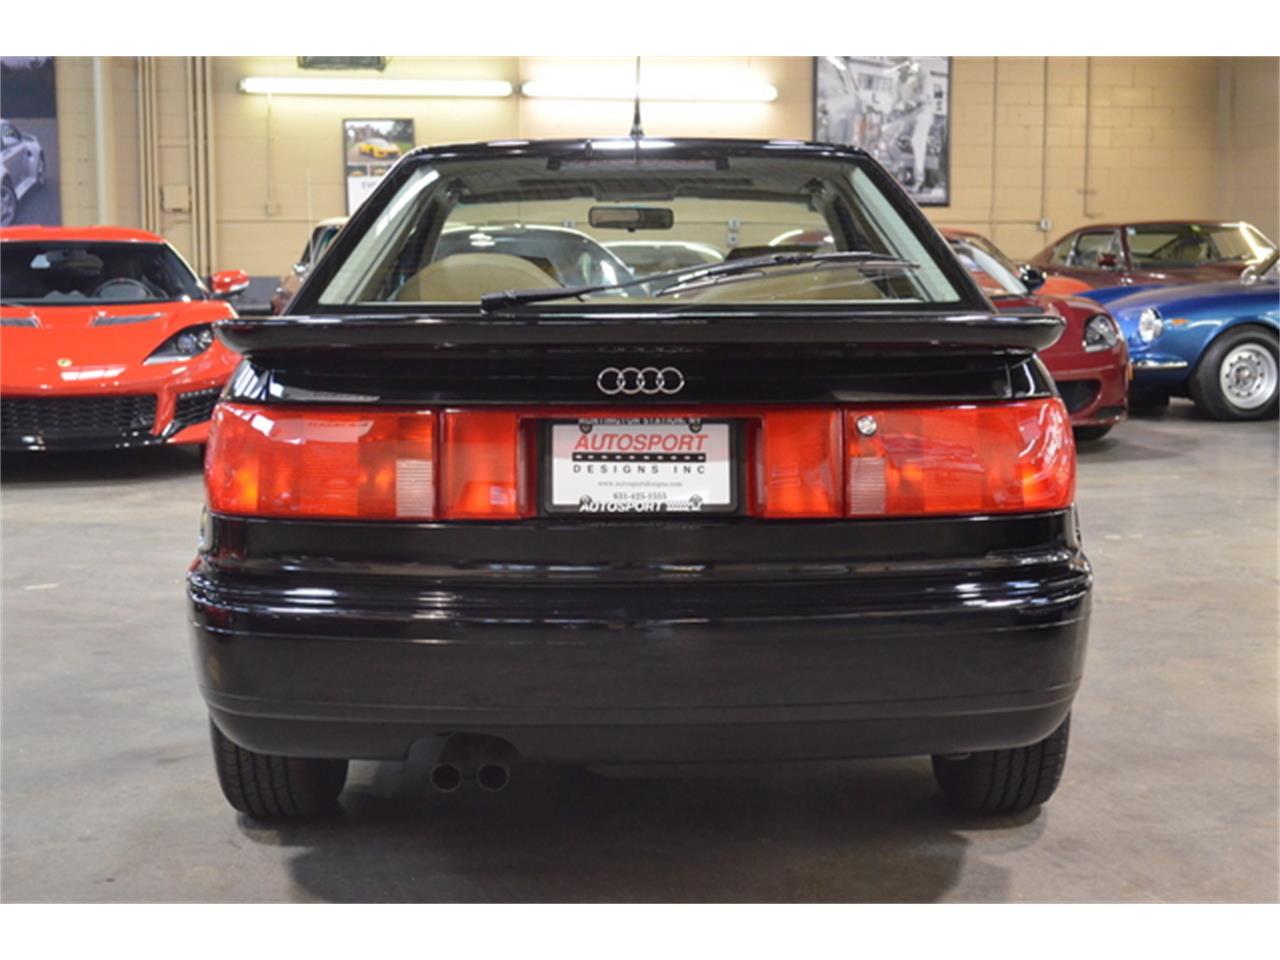 Audi Quattro For Sale ClassicCarscom CC - Audi coupe quattro for sale